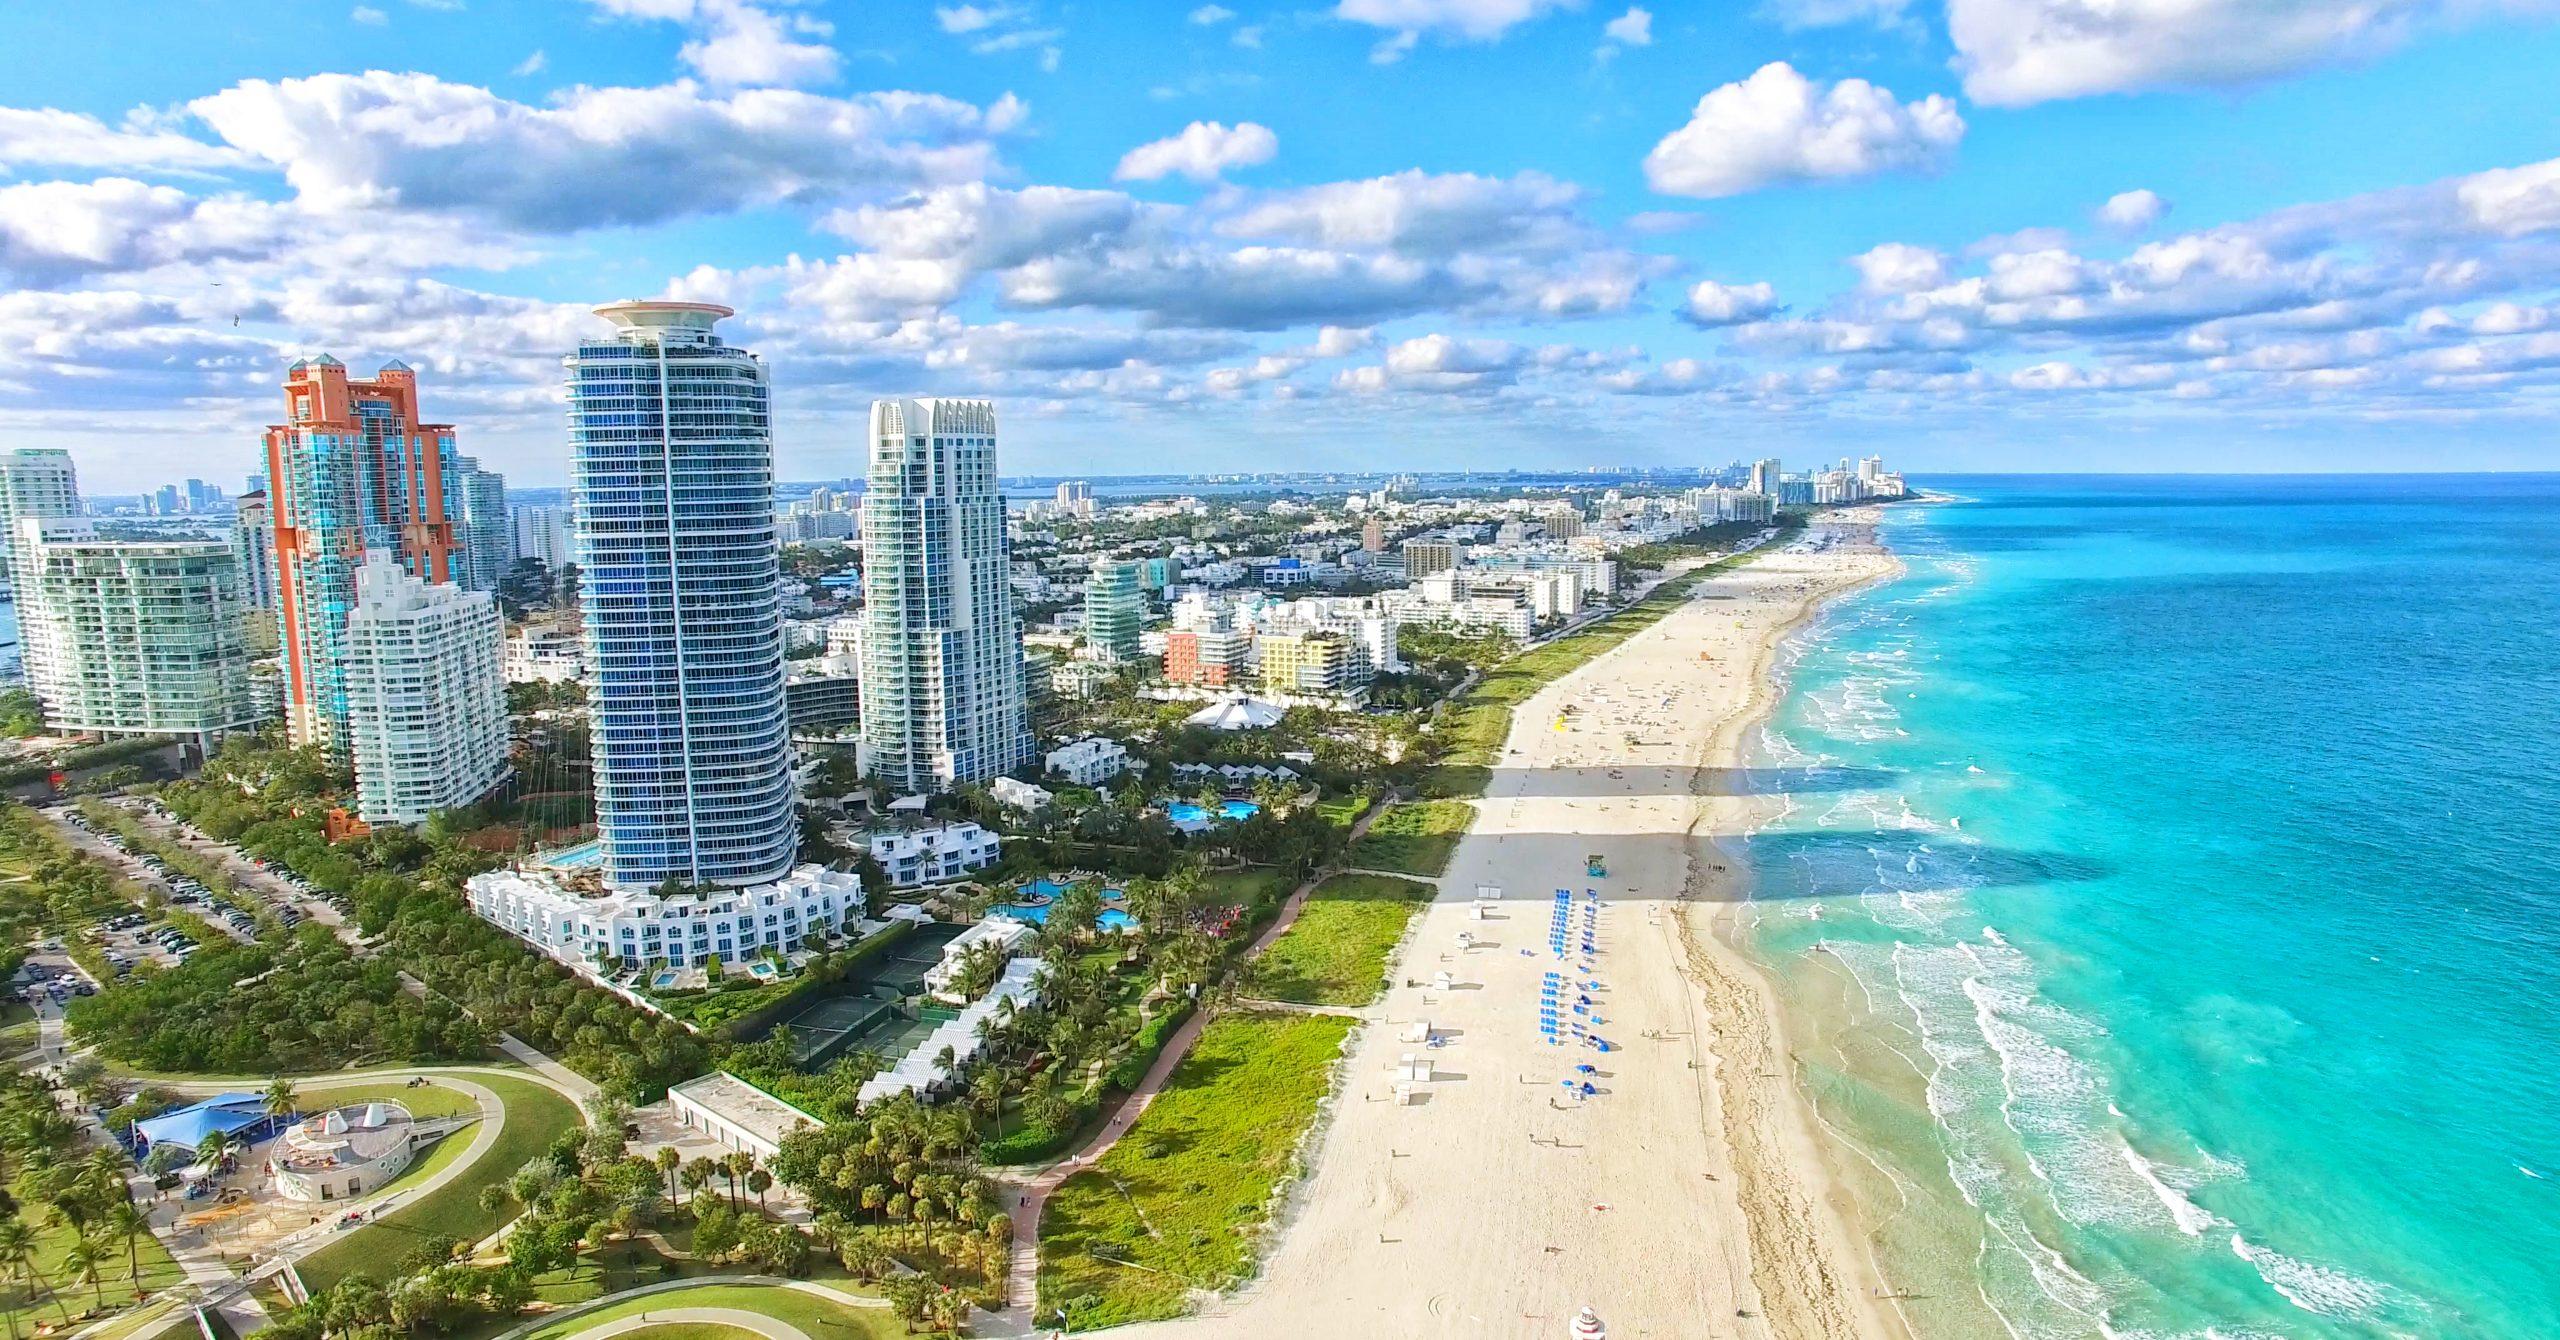 Plaża Floryda